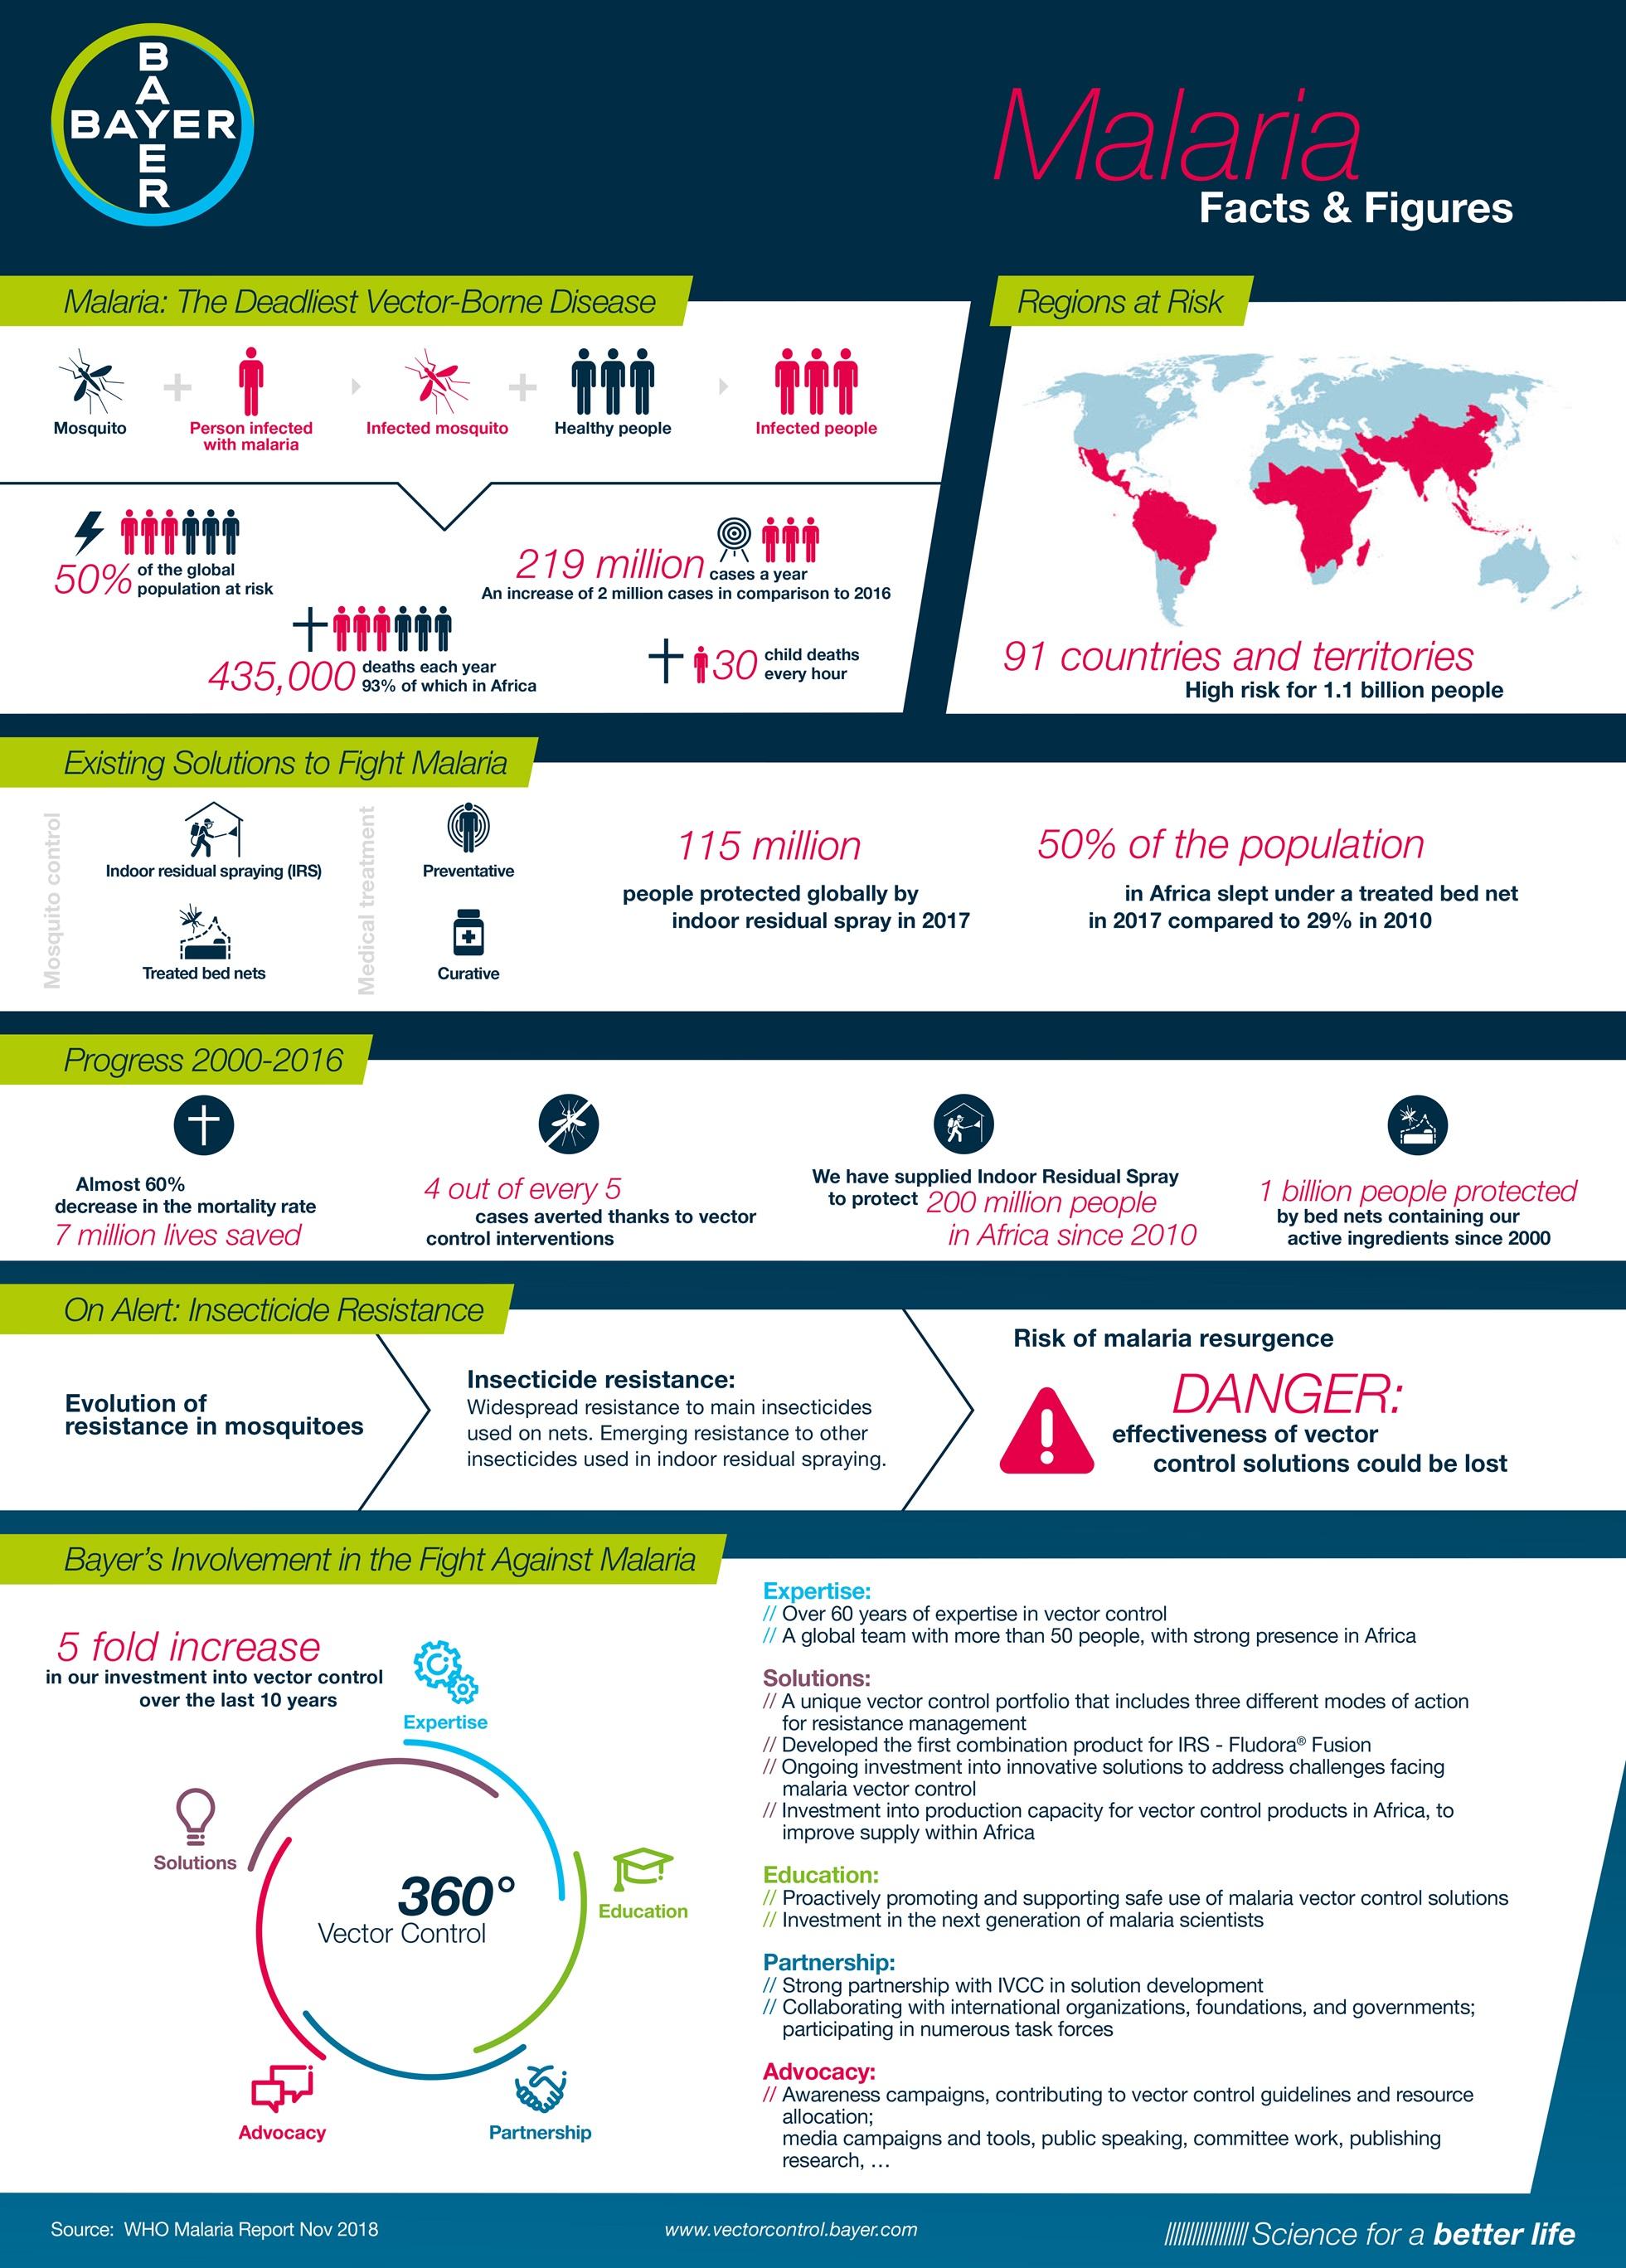 Index - Tudomány - Milliók élete múlik a malária elleni védőoltáson